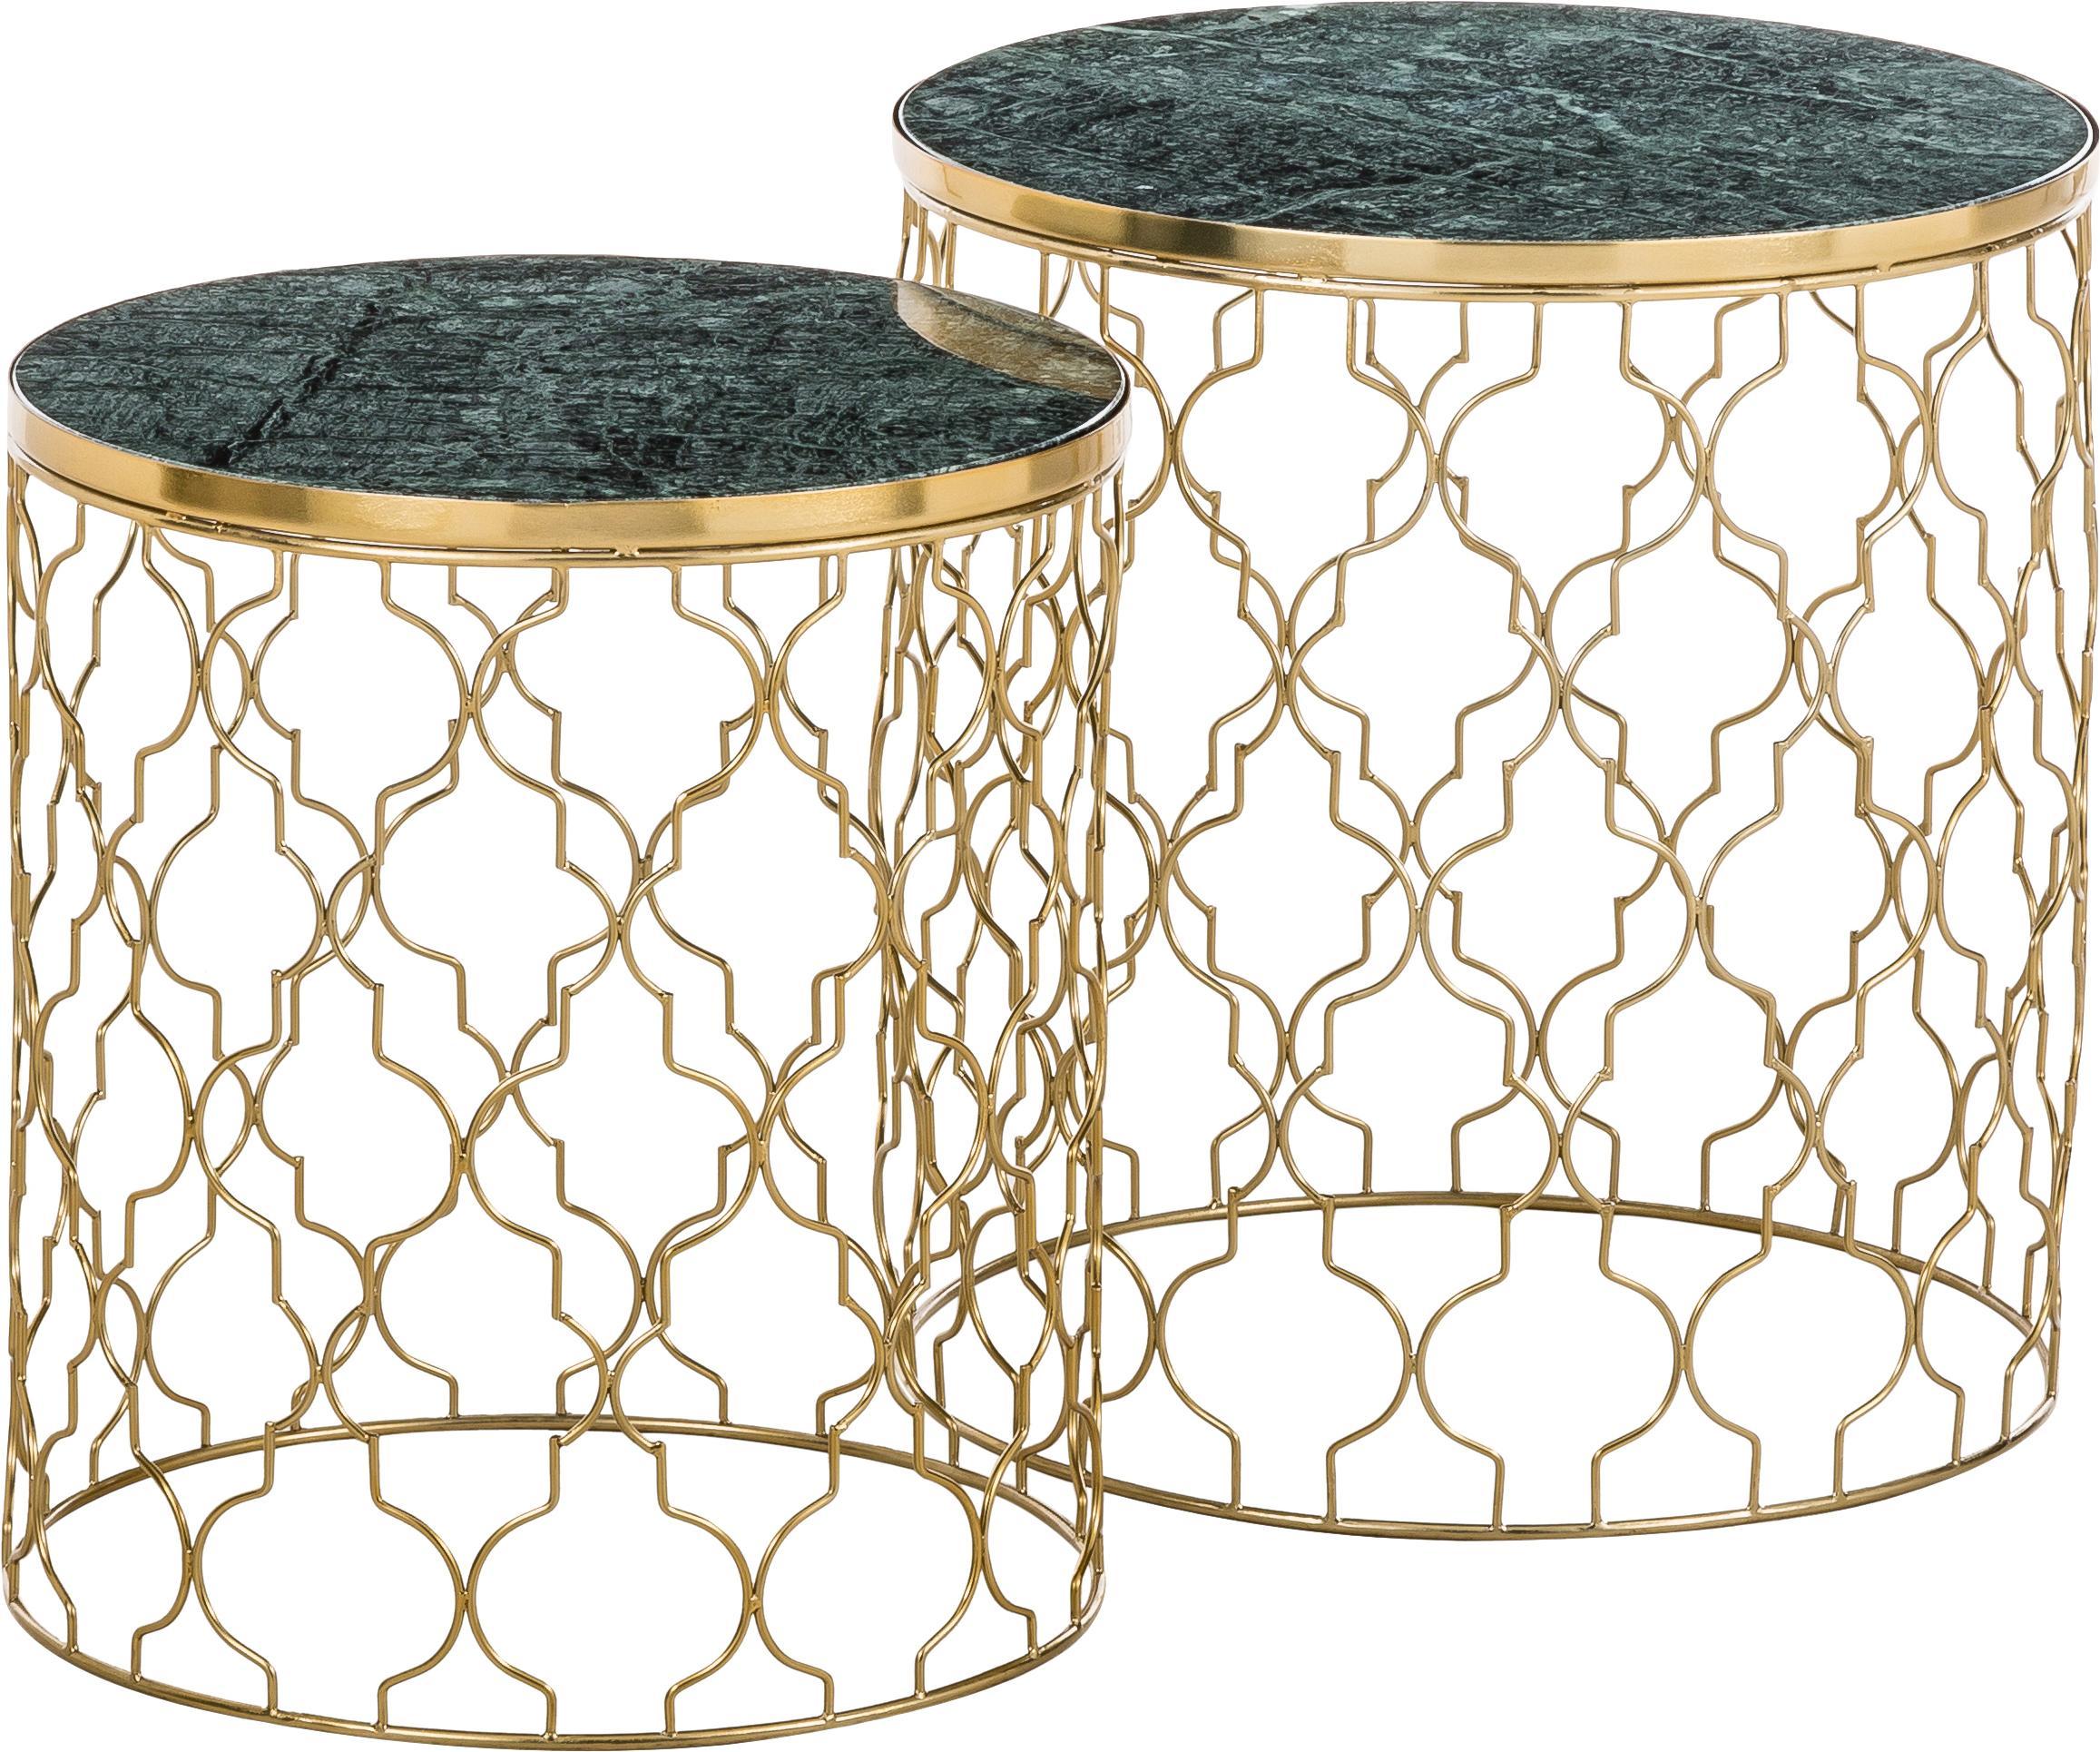 Komplet stolików pomocniczych z marmuru Blake, 2 elem., Blat: kamień marmurowy, Stelaż: metal powlekany, Blat: zielony marmur Stelaż: odcienie złotego, błyszczący, Różne rozmiary